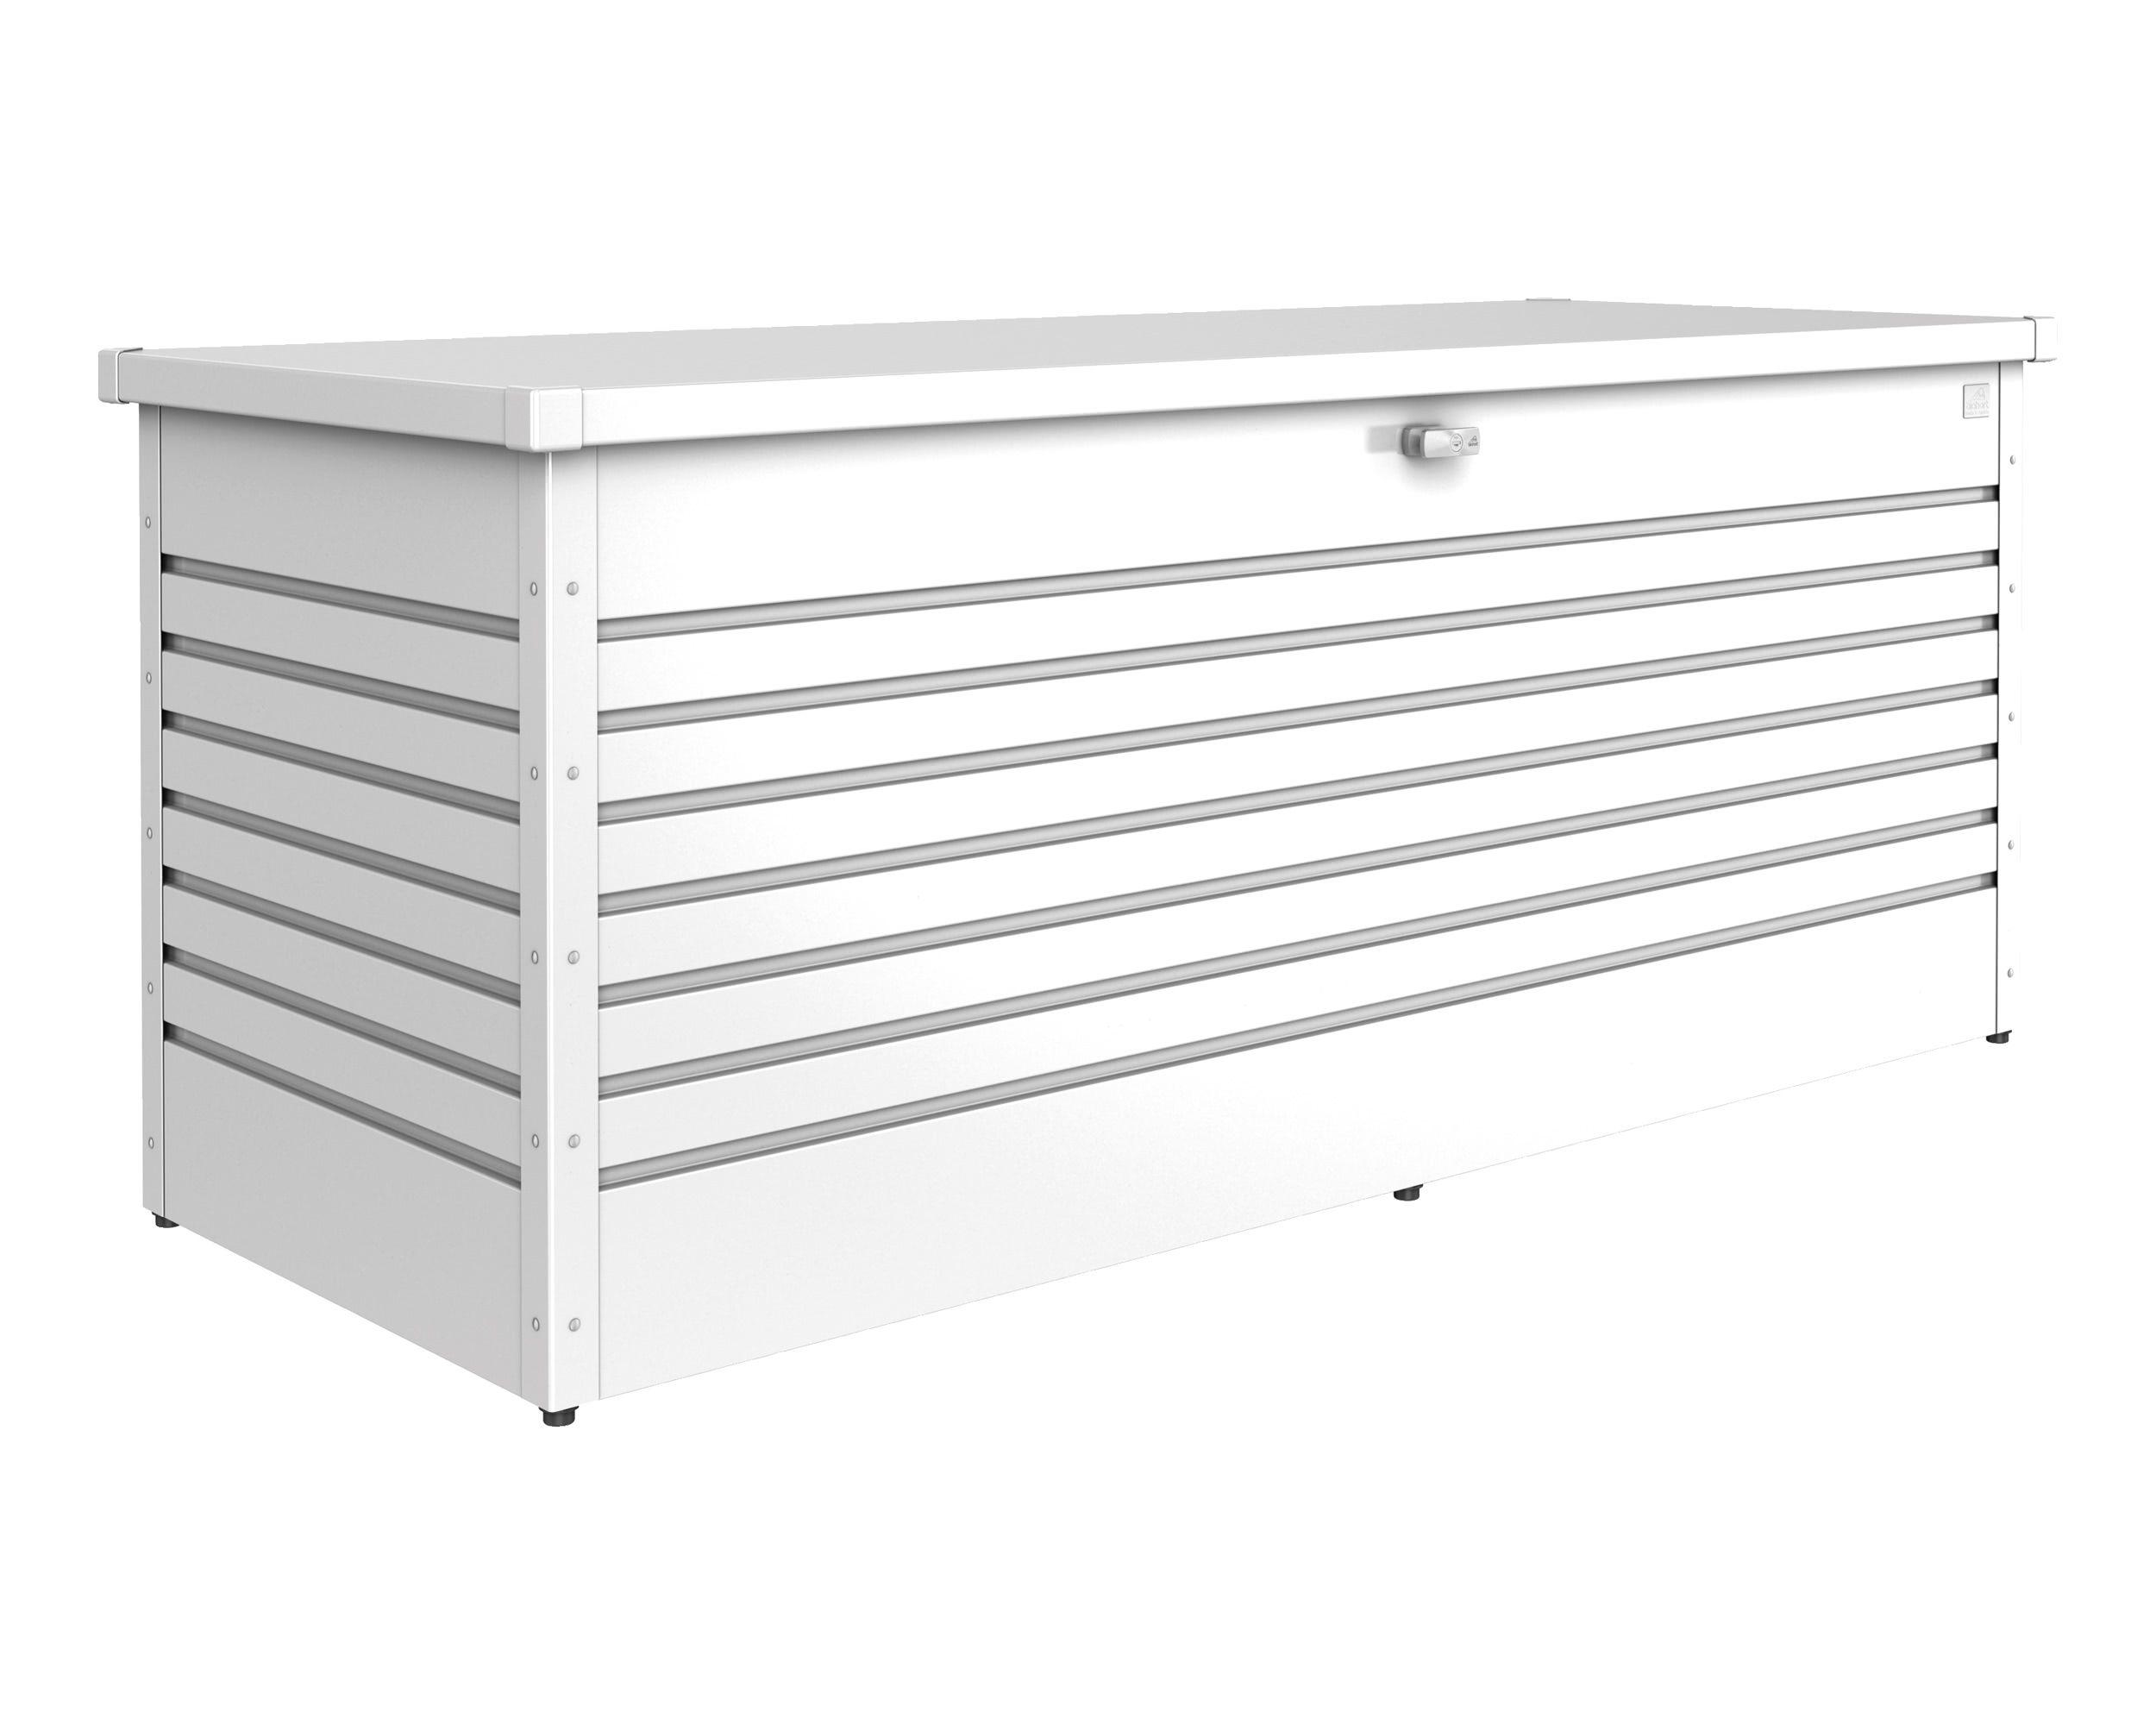 Freizeitbox 200 XL, 201x79 cm (H = 83)